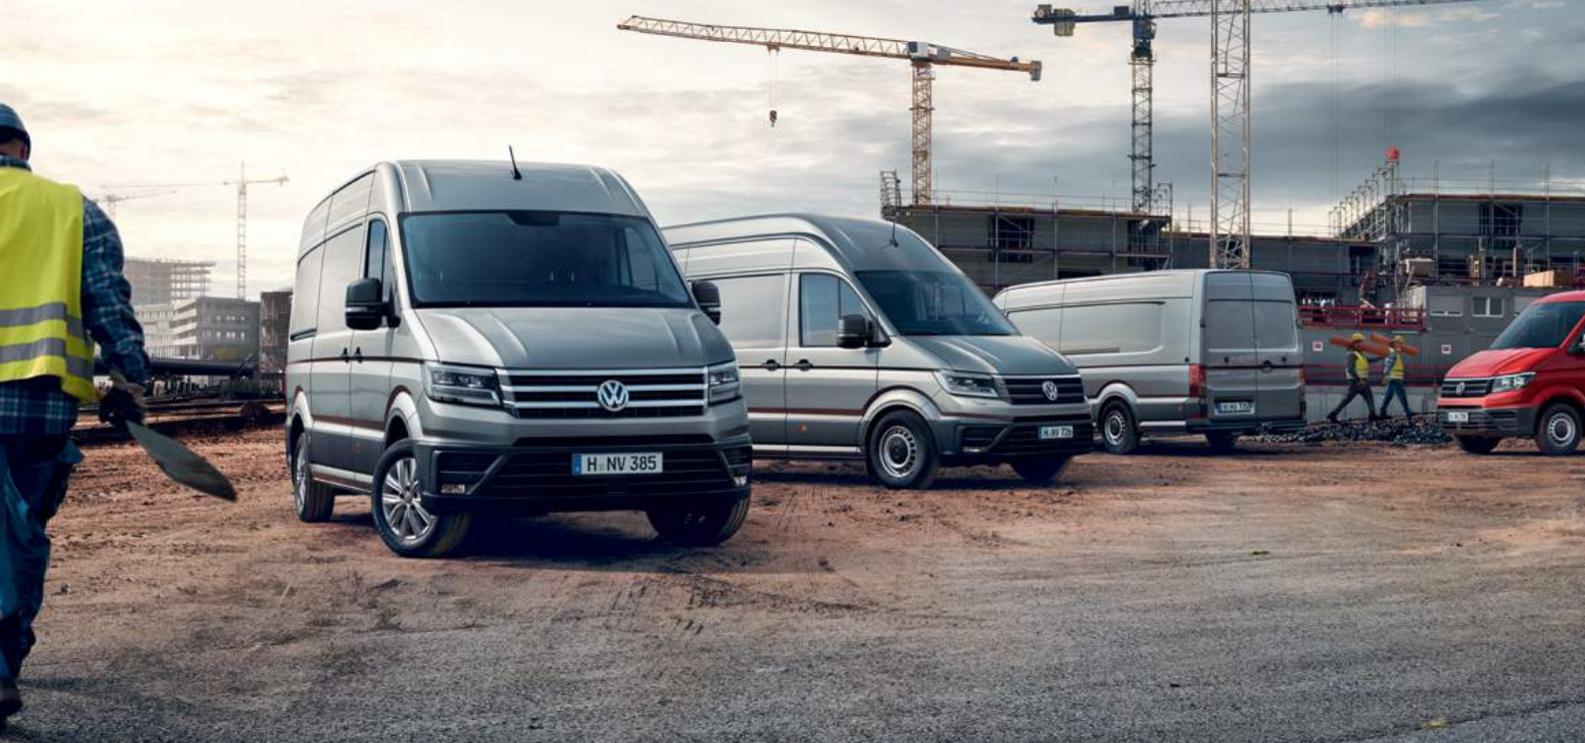 La Volkswagen Crafter 4.9T 2020 precio cumple en el aspecto de seguridad, pero algunas rivales podrían rebatirle en este apartado